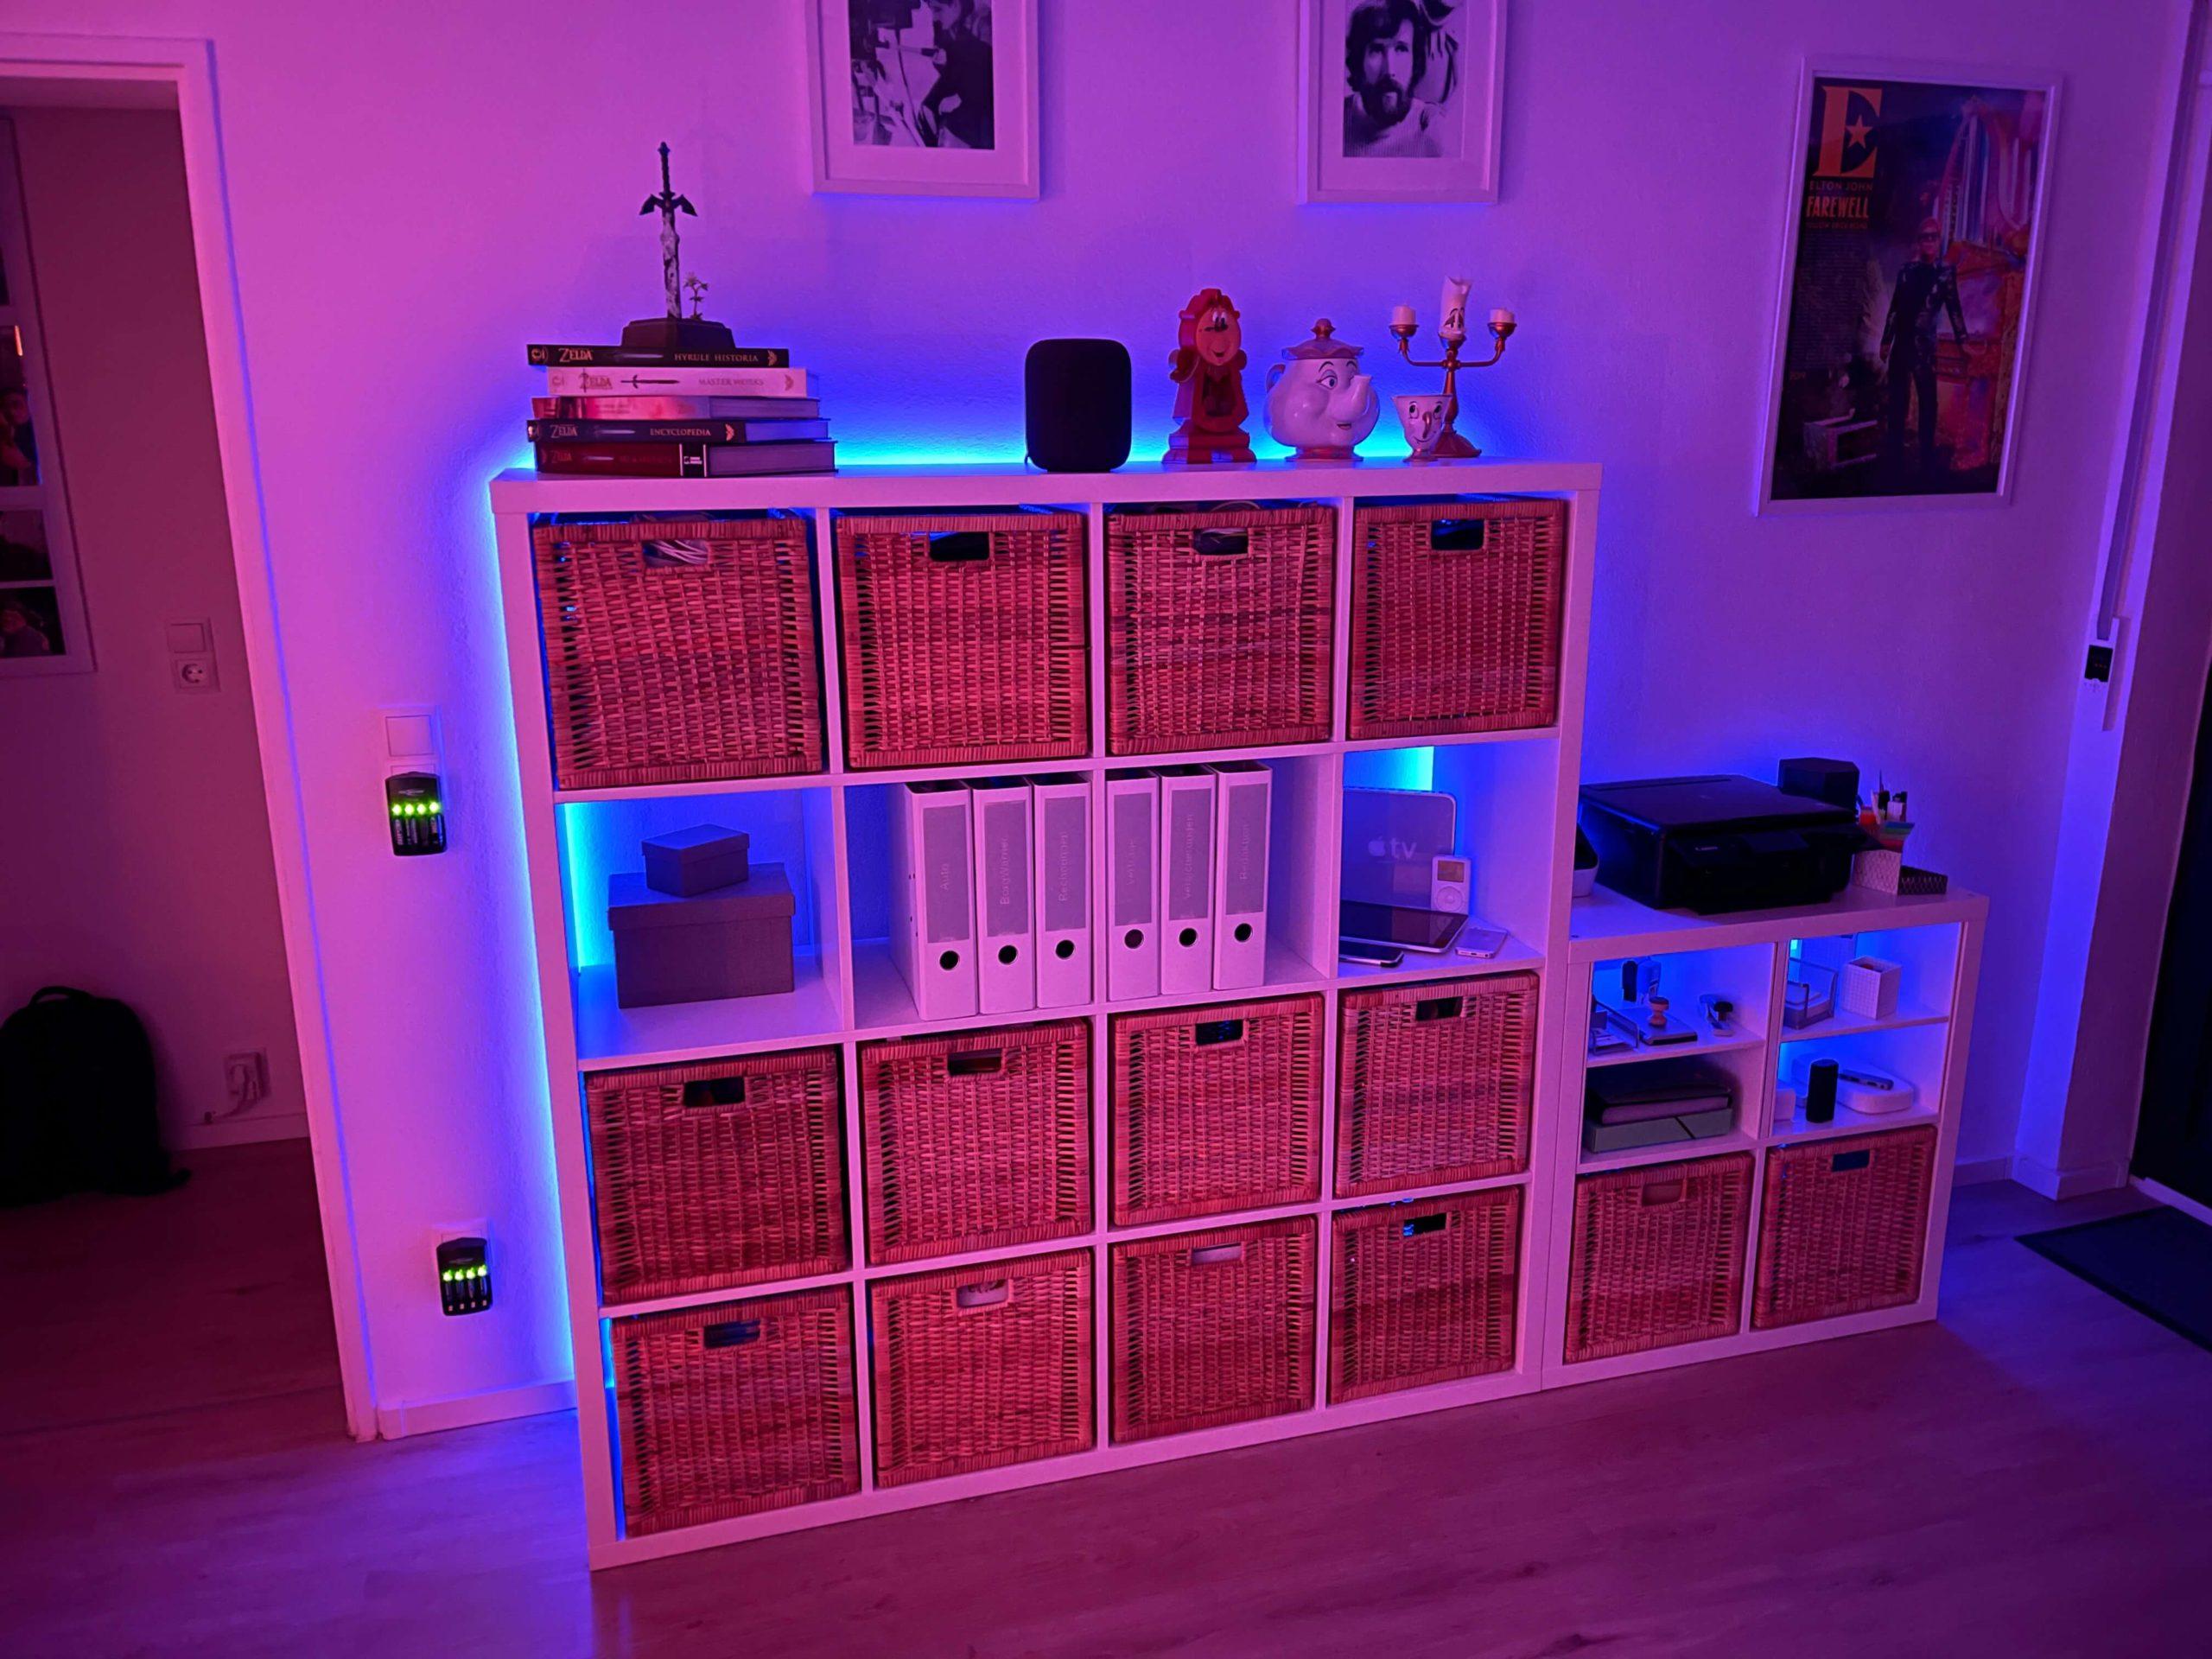 10-Meter-Apple-HomeKit-LED-Leuchtstreifen-von-Meross-gemuetliches-Akzentlicht10-scaled 10 Meter Apple HomeKit LED-Leuchtstreifen von Meross - gemütliches Akzentlicht